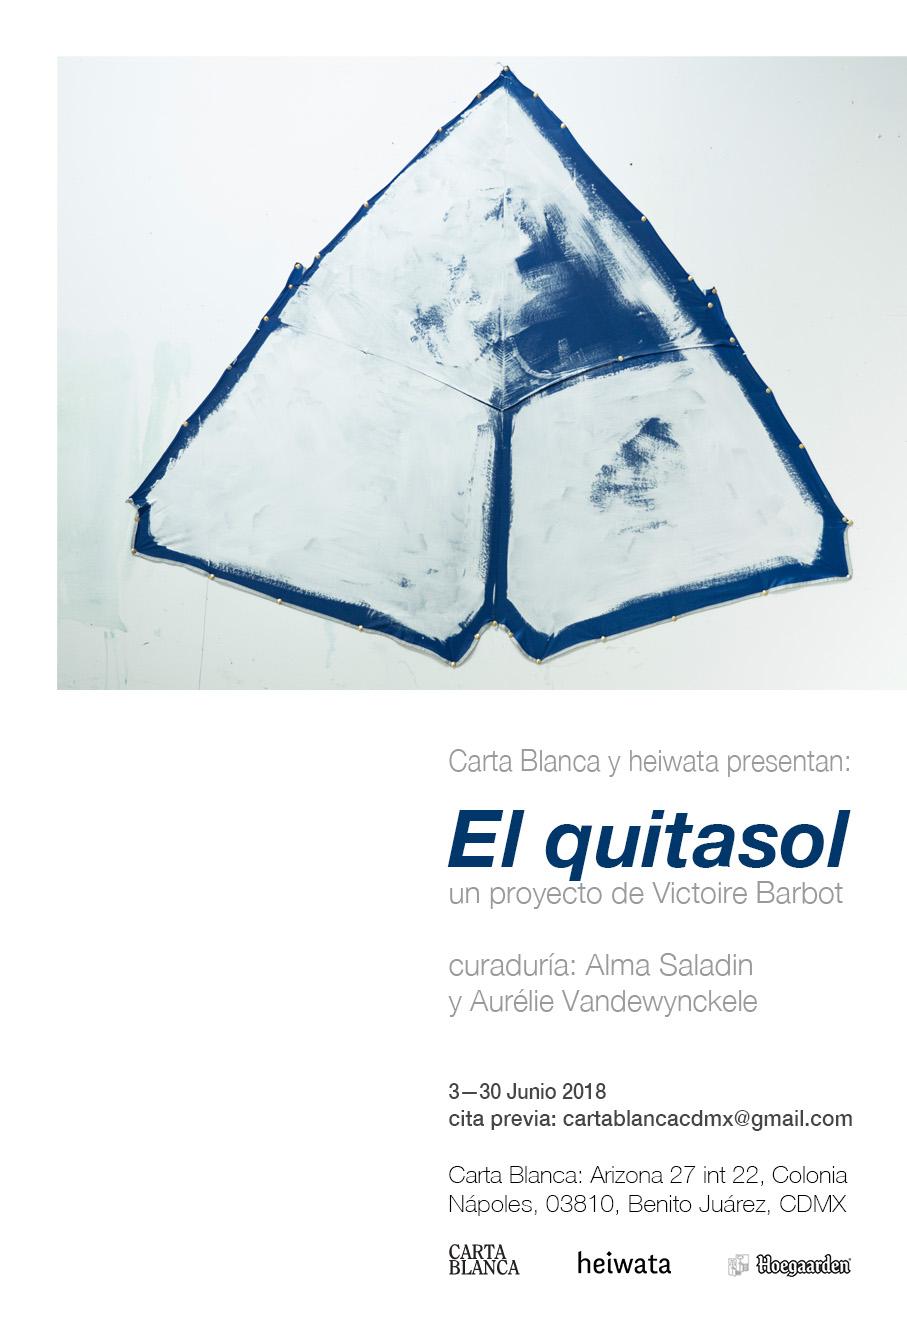 Quitasol-heiwata-invit.jpg